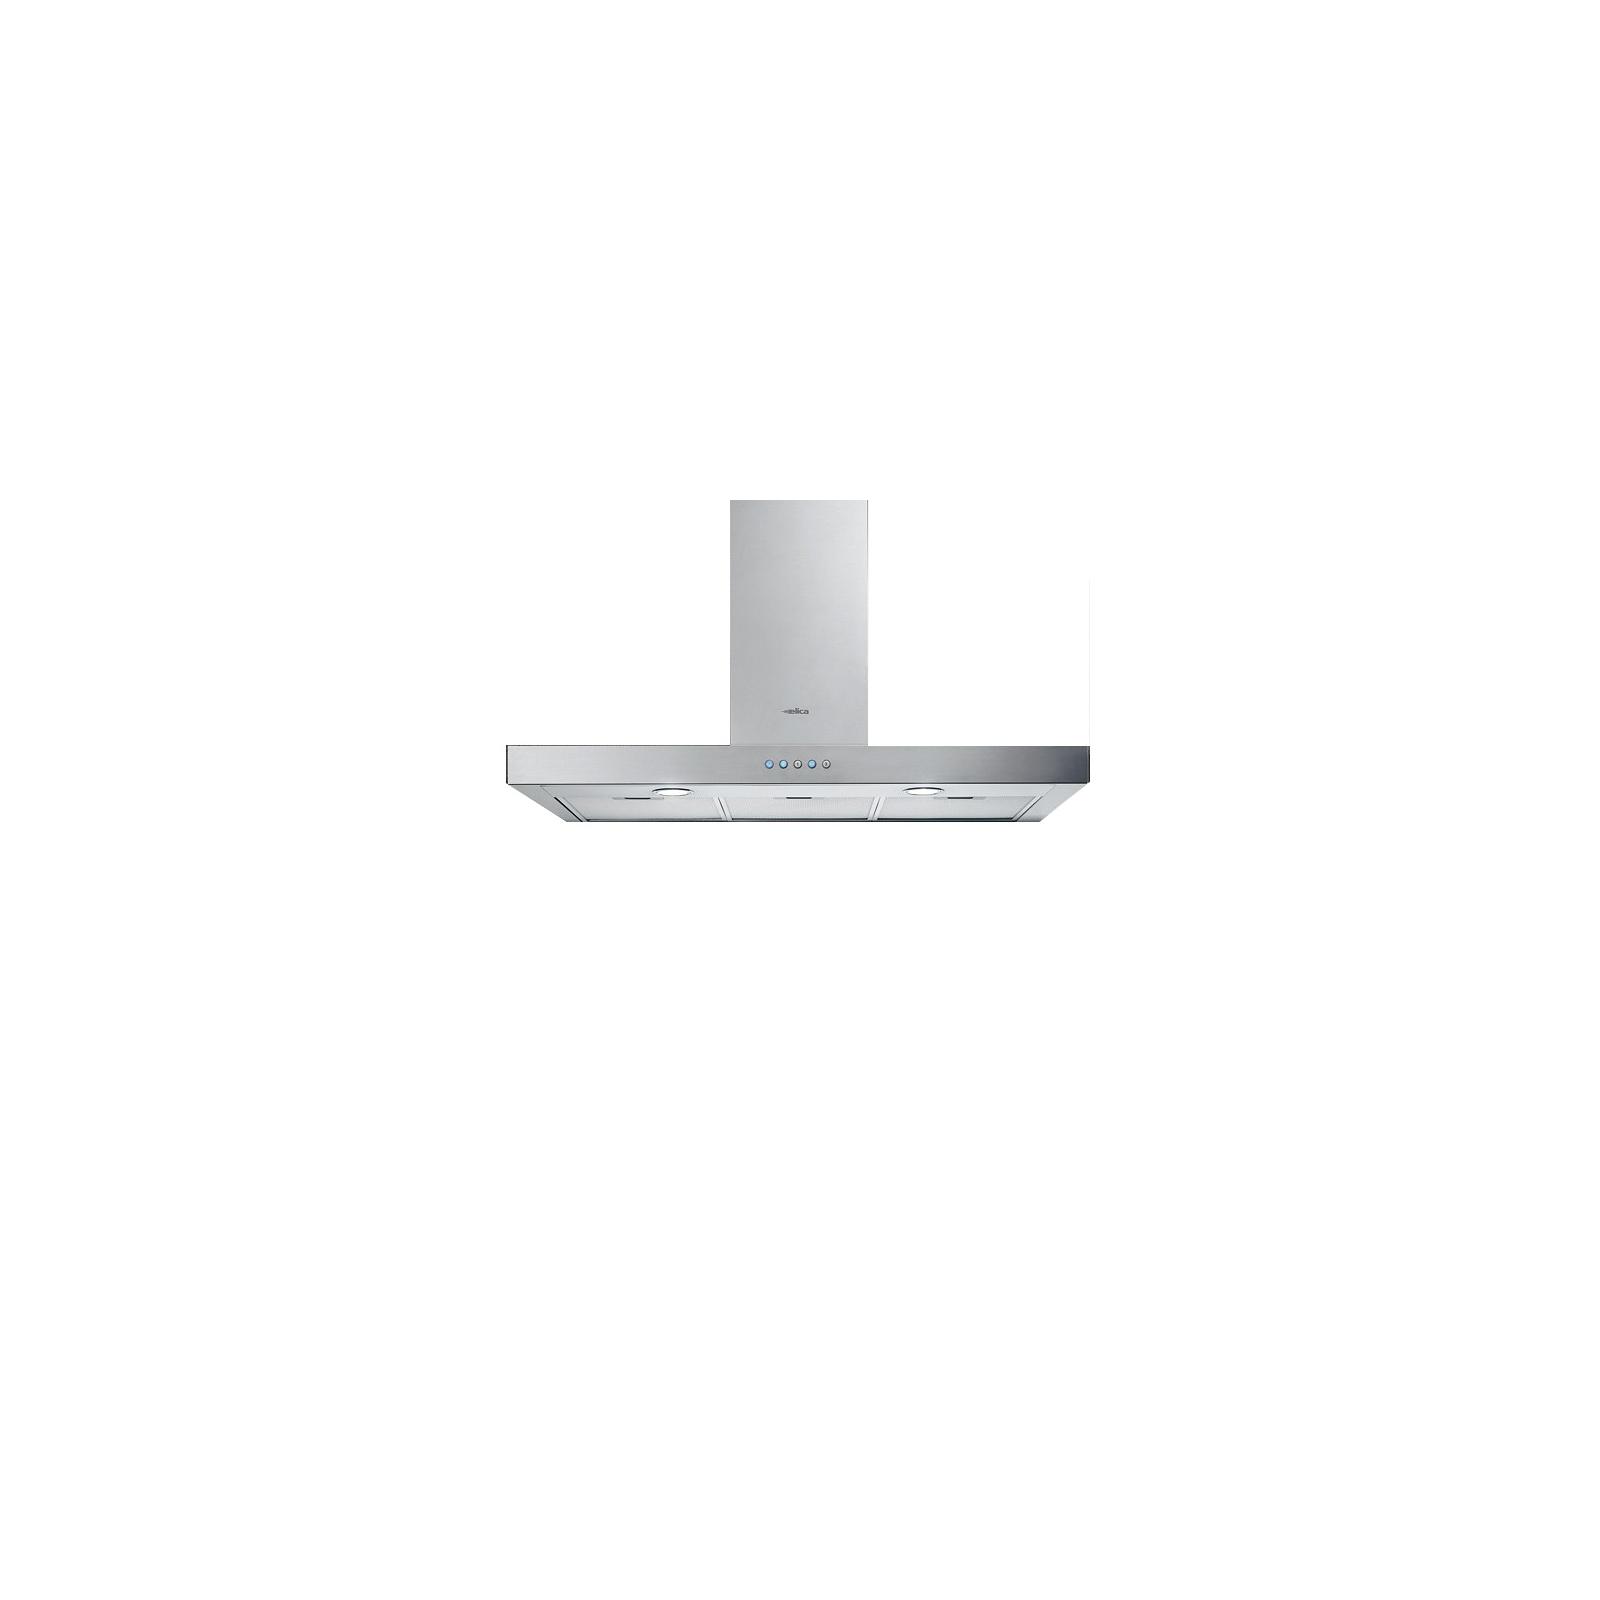 Вытяжка кухонная Elica Spot NG h6 IX A/90